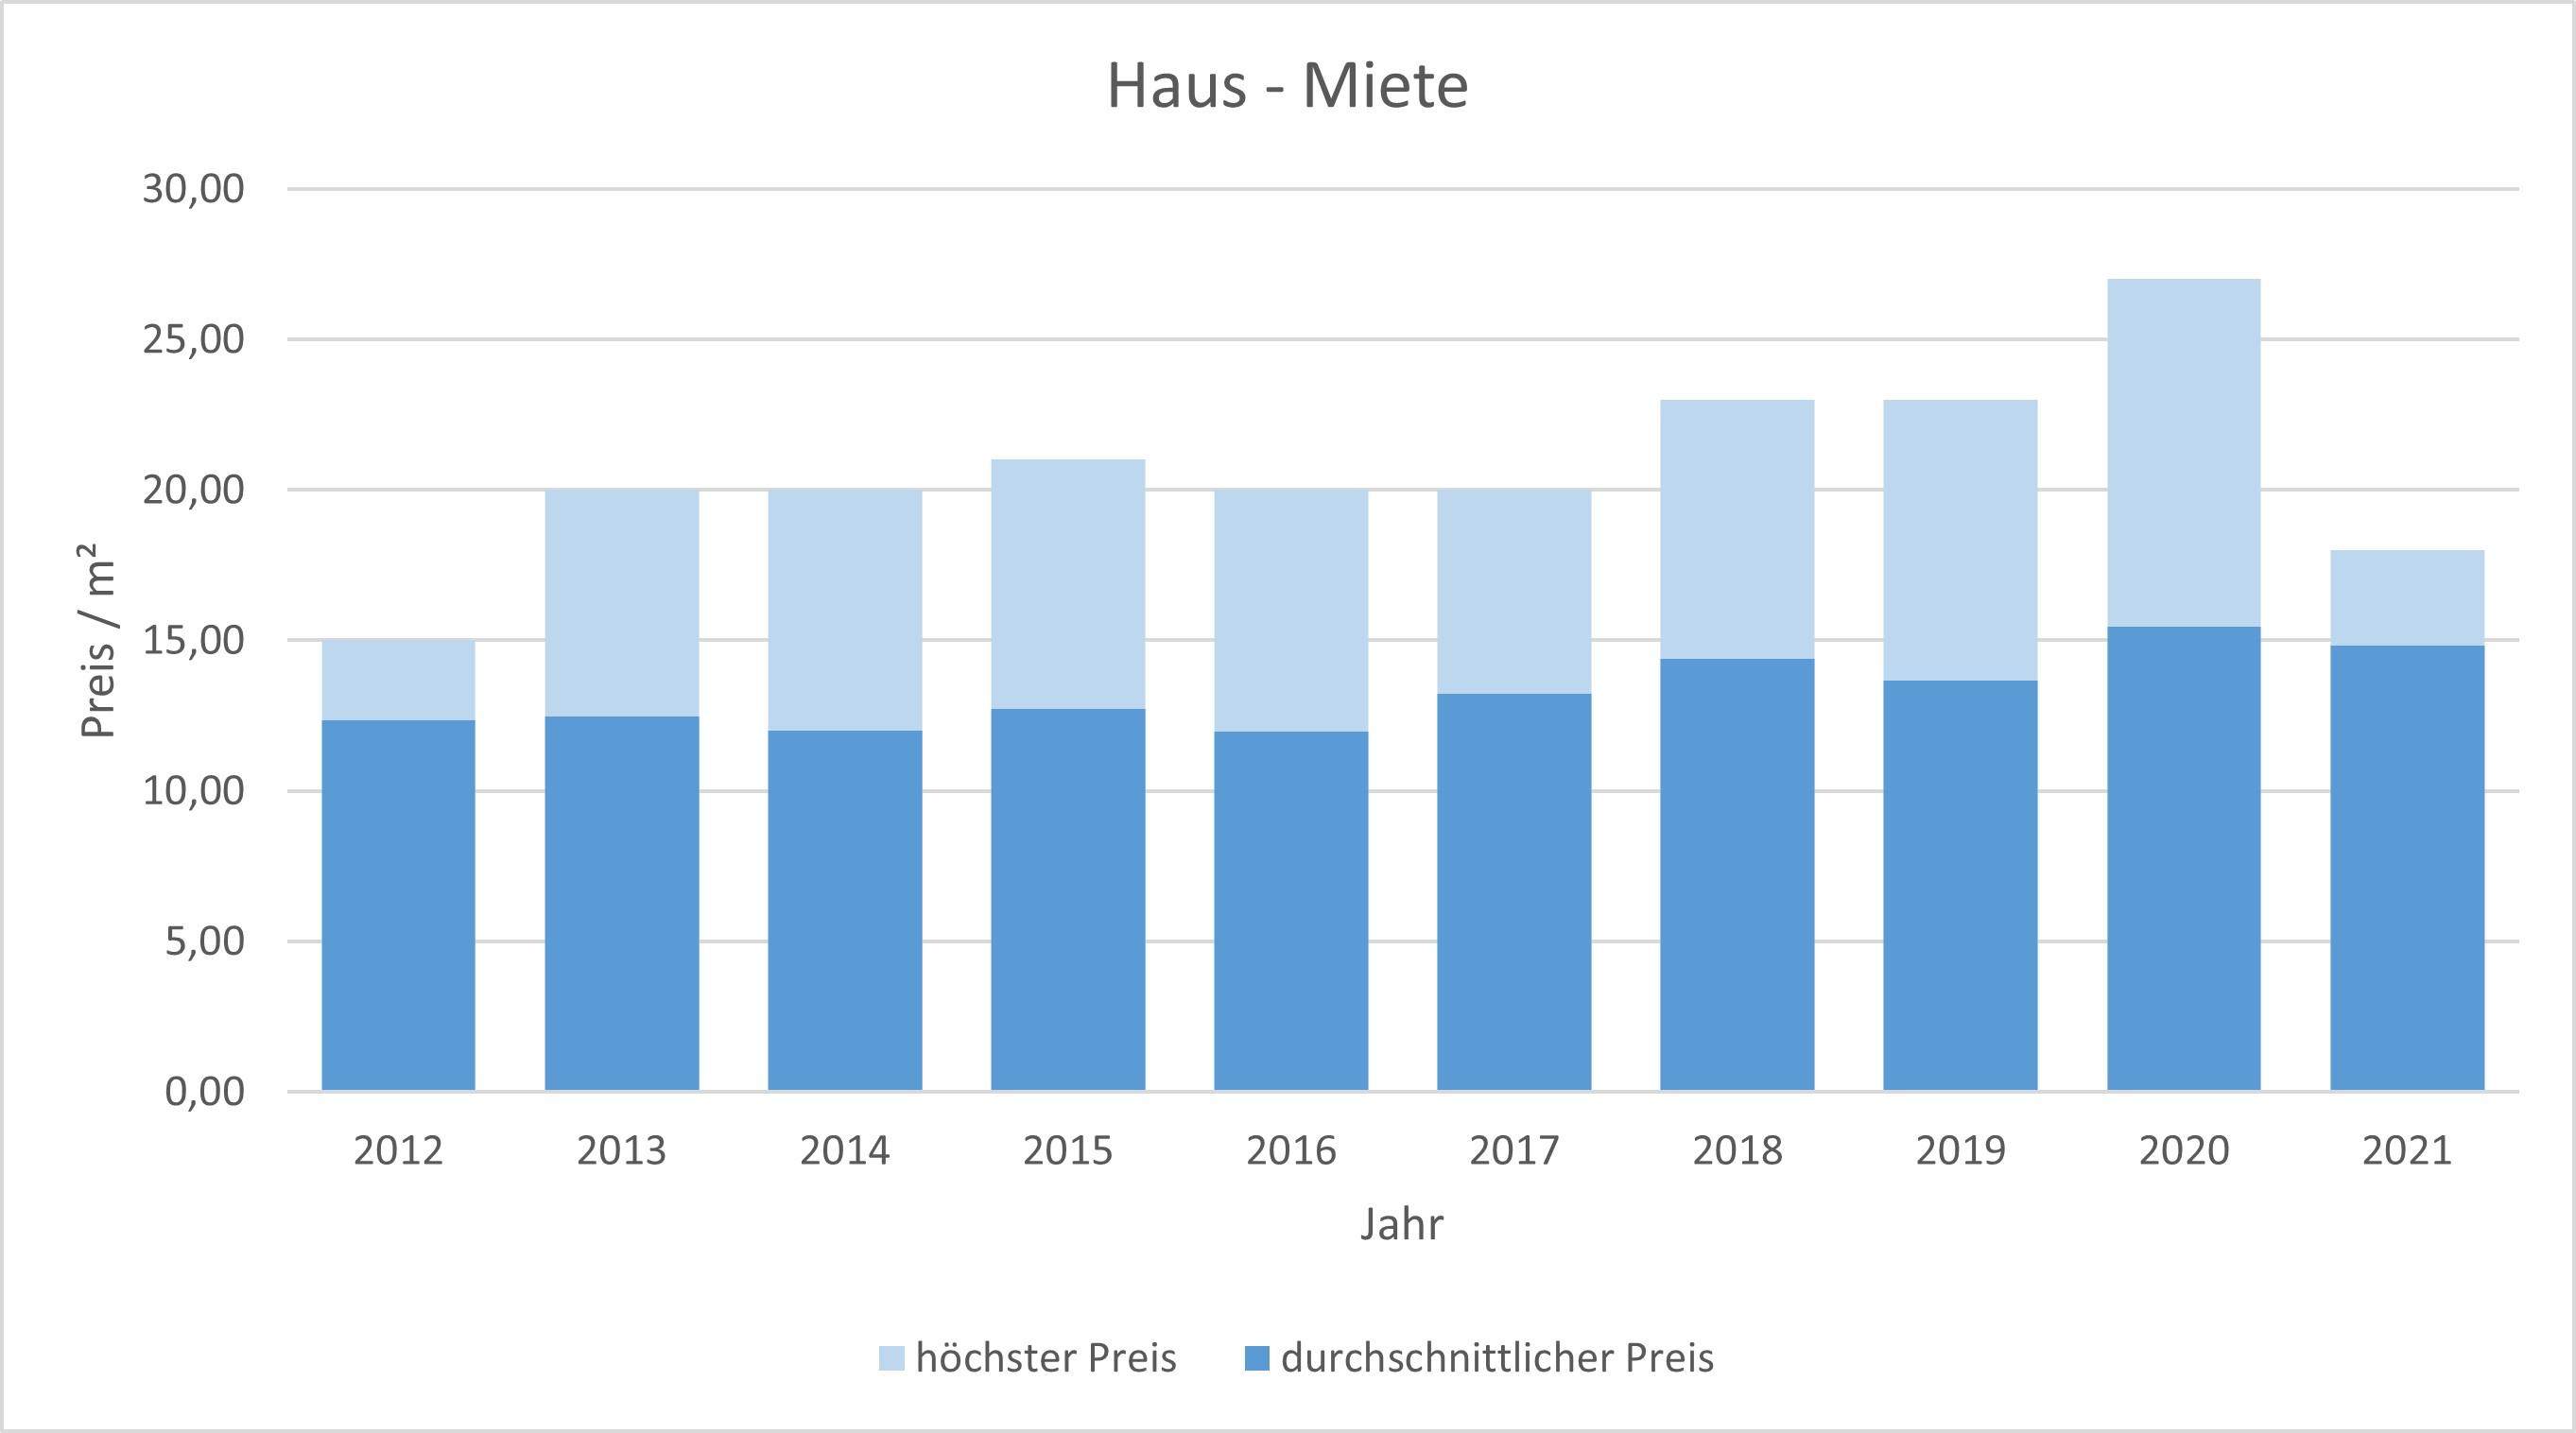 Icking Haus mieten vermieten Preis Bewertung Makler www.happy-immo.de 2019 2020 2021